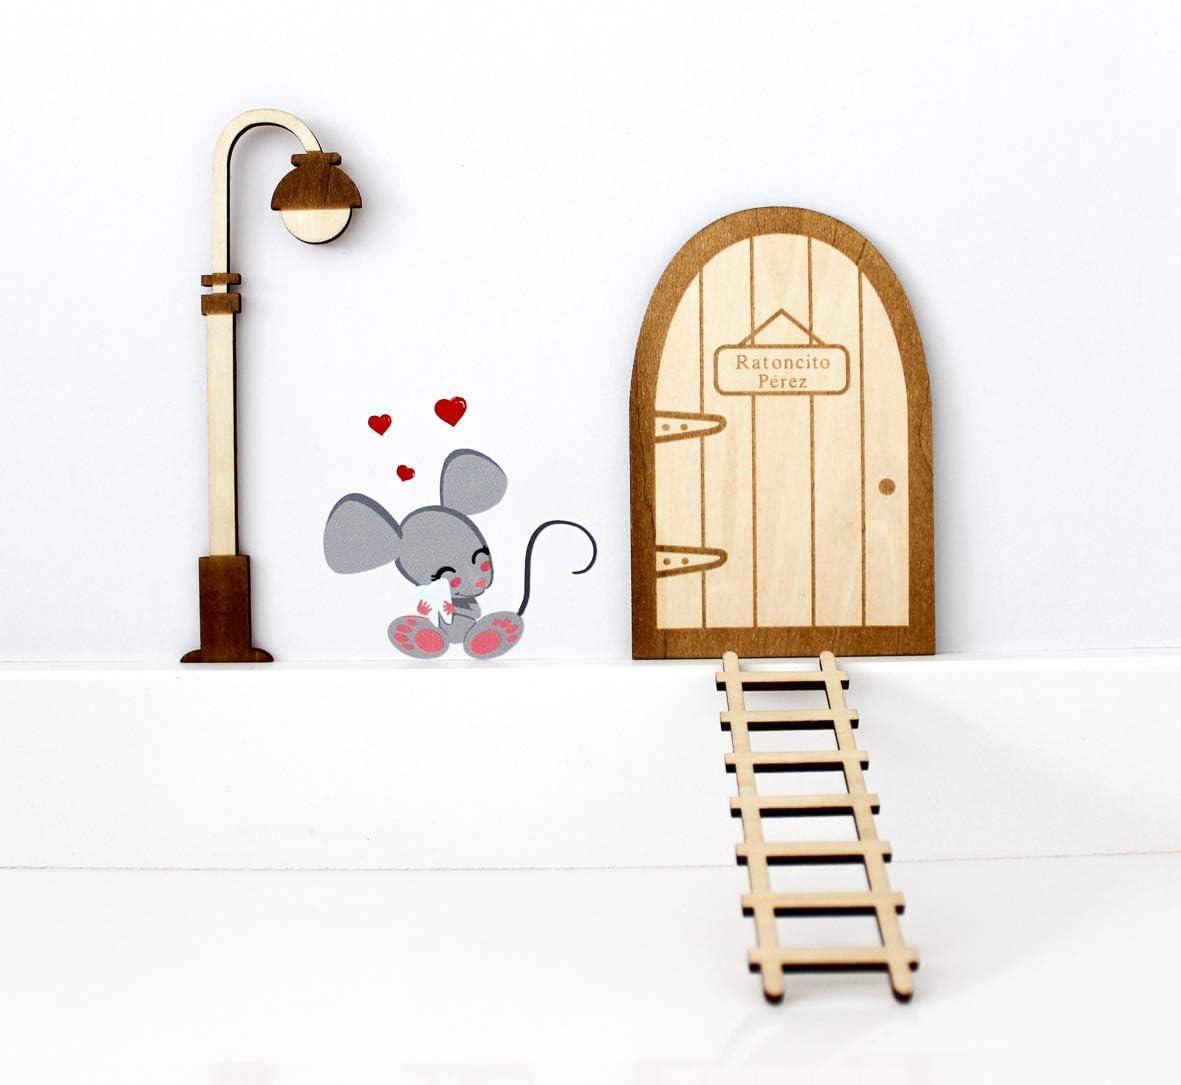 Kit ratoncito Pérez de Vinilo con Puerta, farola y Escalera de Madera para Pintar y Personalizar: Amazon.es: Juguetes y juegos